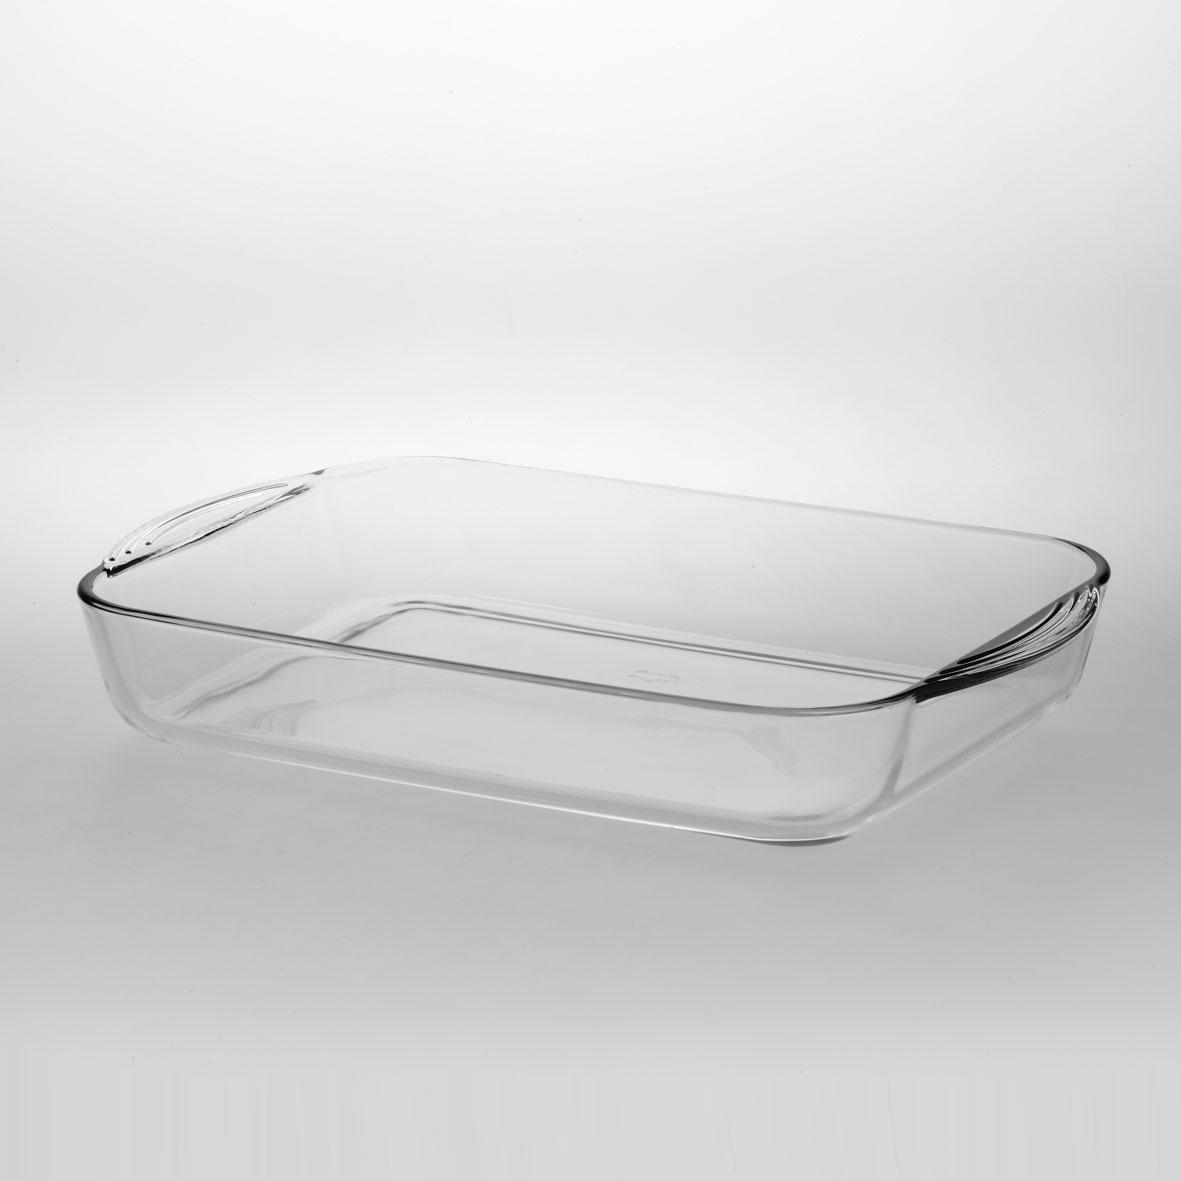 Лоток для СВЧ Borcam, прямоугольный, 40 см х 25 см х 6 см59124Прямоугольный лоток Borcam, изготовленный из жаропрочного боросиликатного стекла, будет отличным выбором для всех любителей блюд, приготовленных в духовке и микроволновой печи. В этой посуде вы будете с удовольствием готовить, легко контролируя процесс через прозрачное стекло. Вы сможете красиво сервировать стол, подав готовое блюдо в элегантной стеклянной емкости. А если необходимо, удобно разместите лоток в холодильнике. Стекло устойчиво к механическим повреждениям и выдерживает большой перепад температур от - 30°C до 300°C. Термостойкое стекло Borcam - безопасный для здоровья, гигиеничный материал, который не вступает во взаимодействие с продуктами питания, пища не приобретает в процессе приготовления или хранения никаких дополнительных привкусов. Посуда легко очищается нейтральными моющими средствами с помощью мягкой губки или салфетки, имеет длительный срок службы и не теряет в процессе использования внешней привлекательности. Подходит для мытья в посудомоечной машине. Характеристики:Материал: жаропрочное стекло. Объем: 3,5 л. Внутренний размер лотка: 35 см х 24 см х 6 см. Размер лотка с учетом ручек: 40 см х 25 см х 6 см. Размер упаковки: 40 см х 25 см х 6 см. Артикул: 59124.